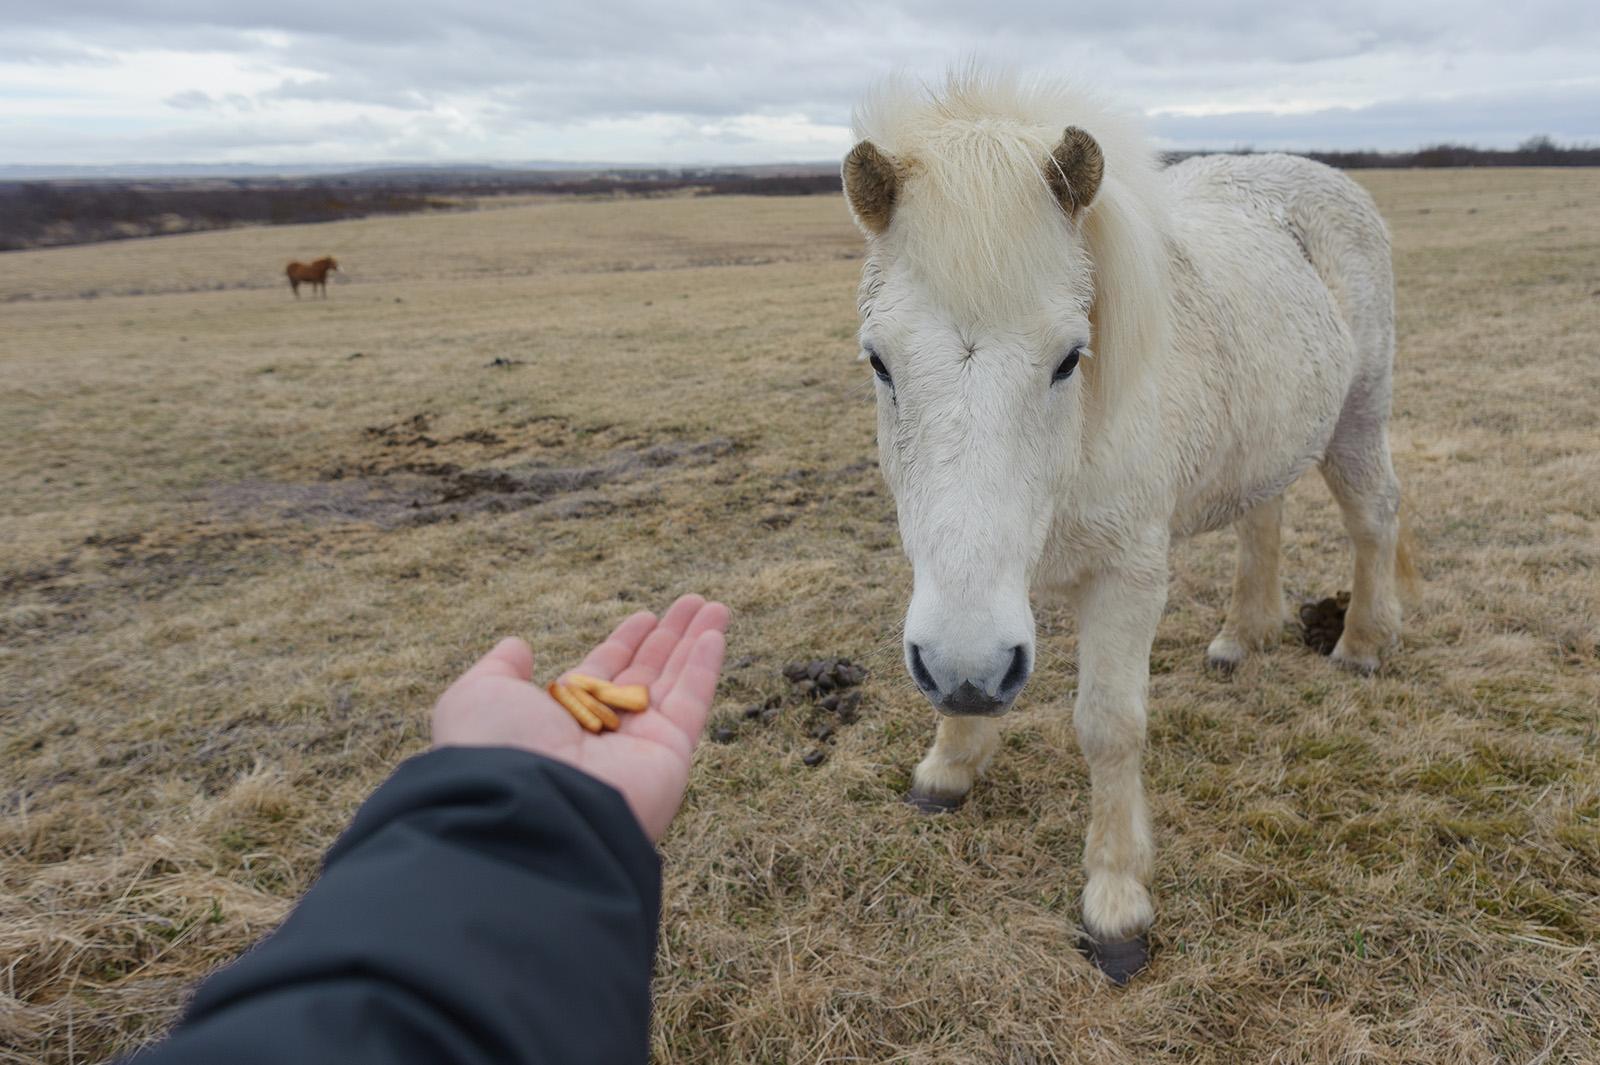 Íslenski hesturinn - Из-за того, что на протяжении истории исландские лошади ни разу не встречались с хищниками, они очень дружелюбные, доверчивые и не боятся человека.